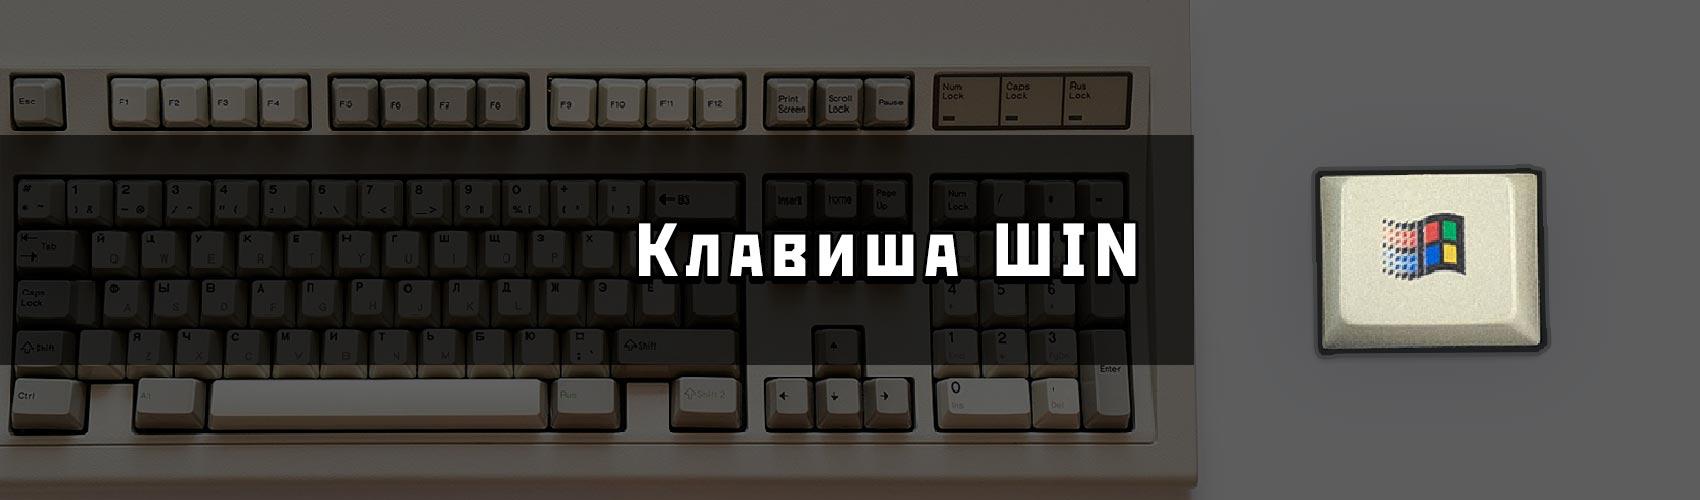 Всё о клавише Win